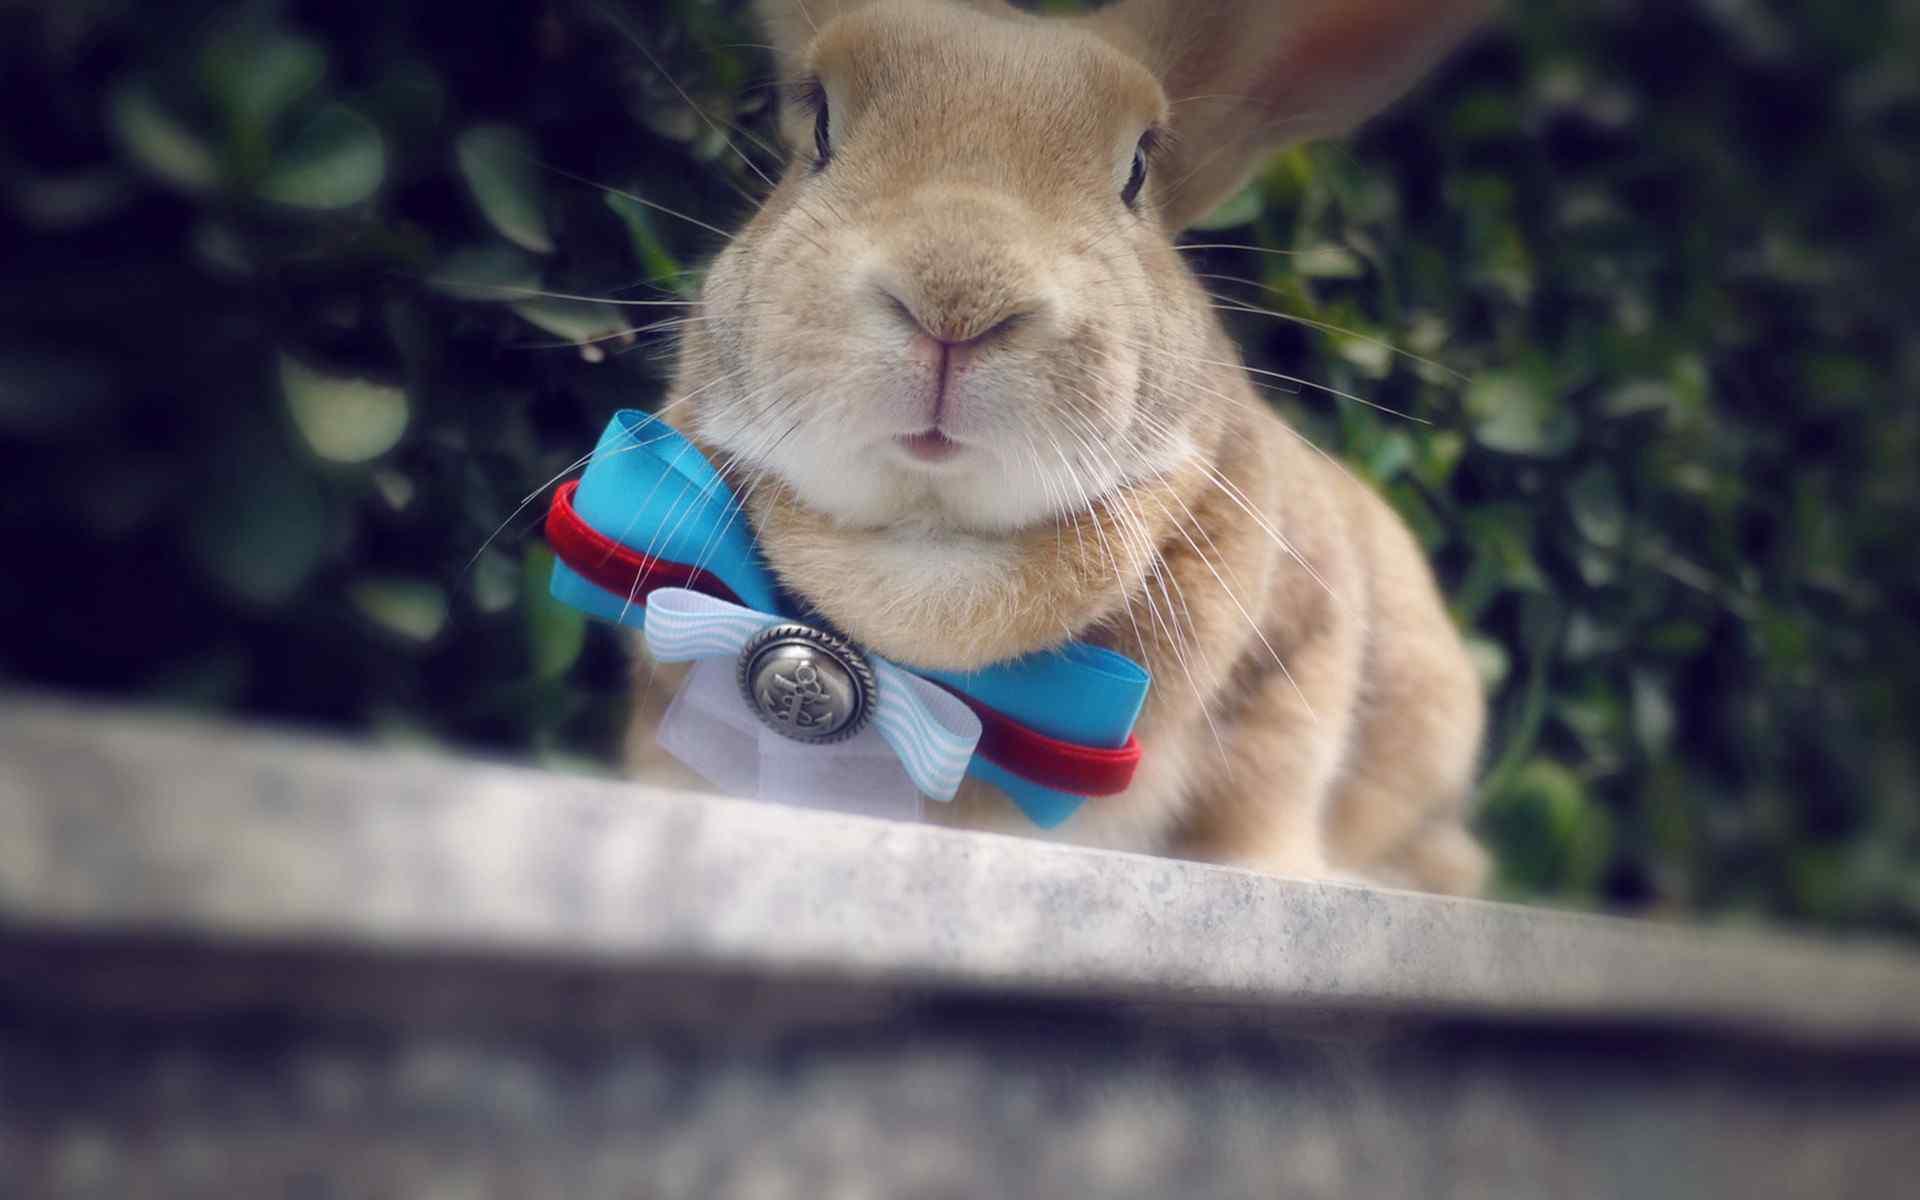 呆萌小兔子唯美写真高清桌面壁纸